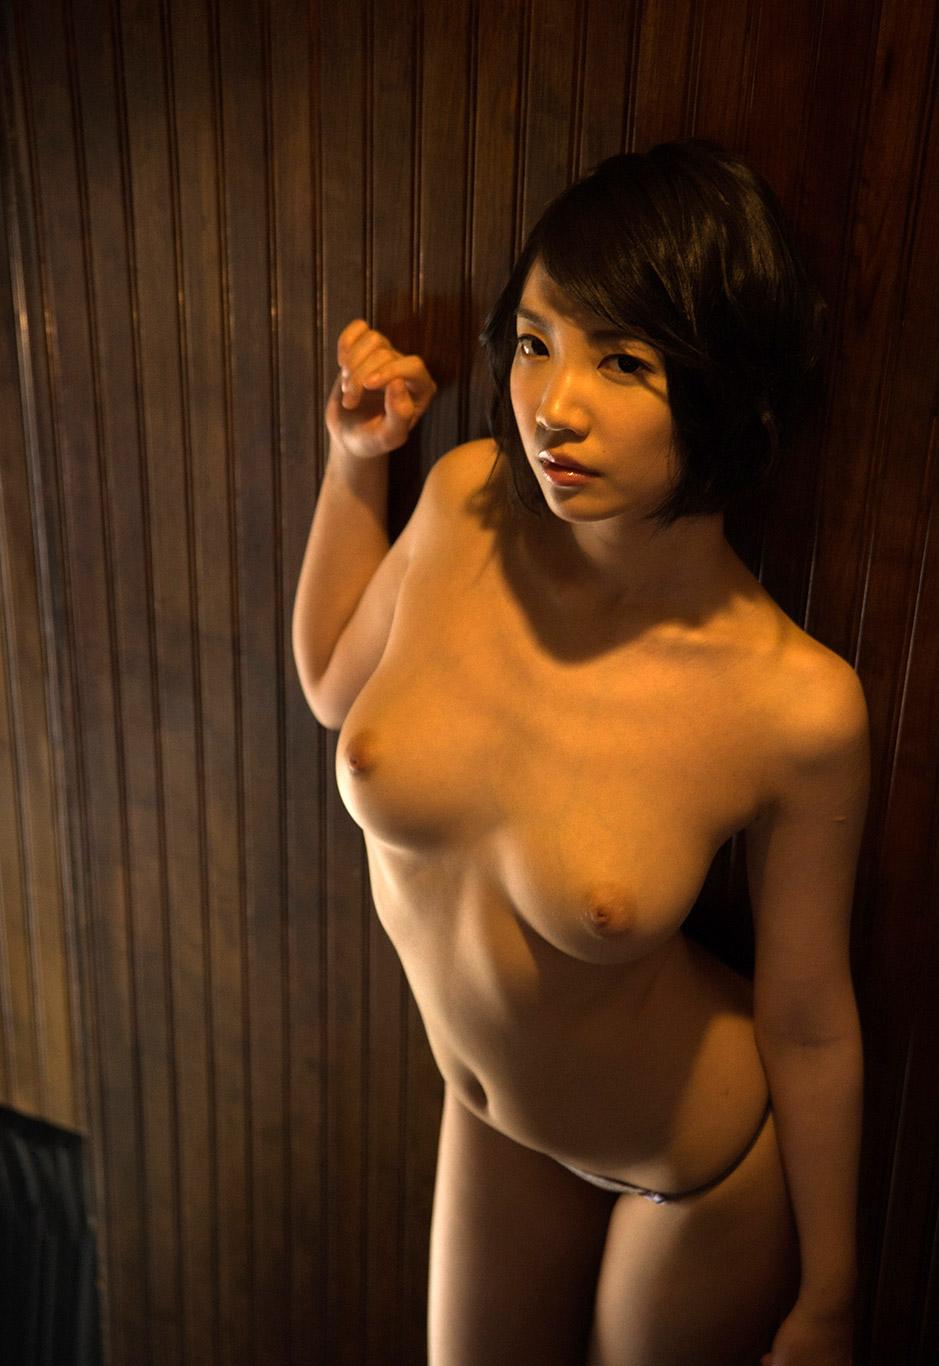 三次元 3次元 エロ画像 AV女優 鈴木心春  ヌード べっぴん娘通信 035